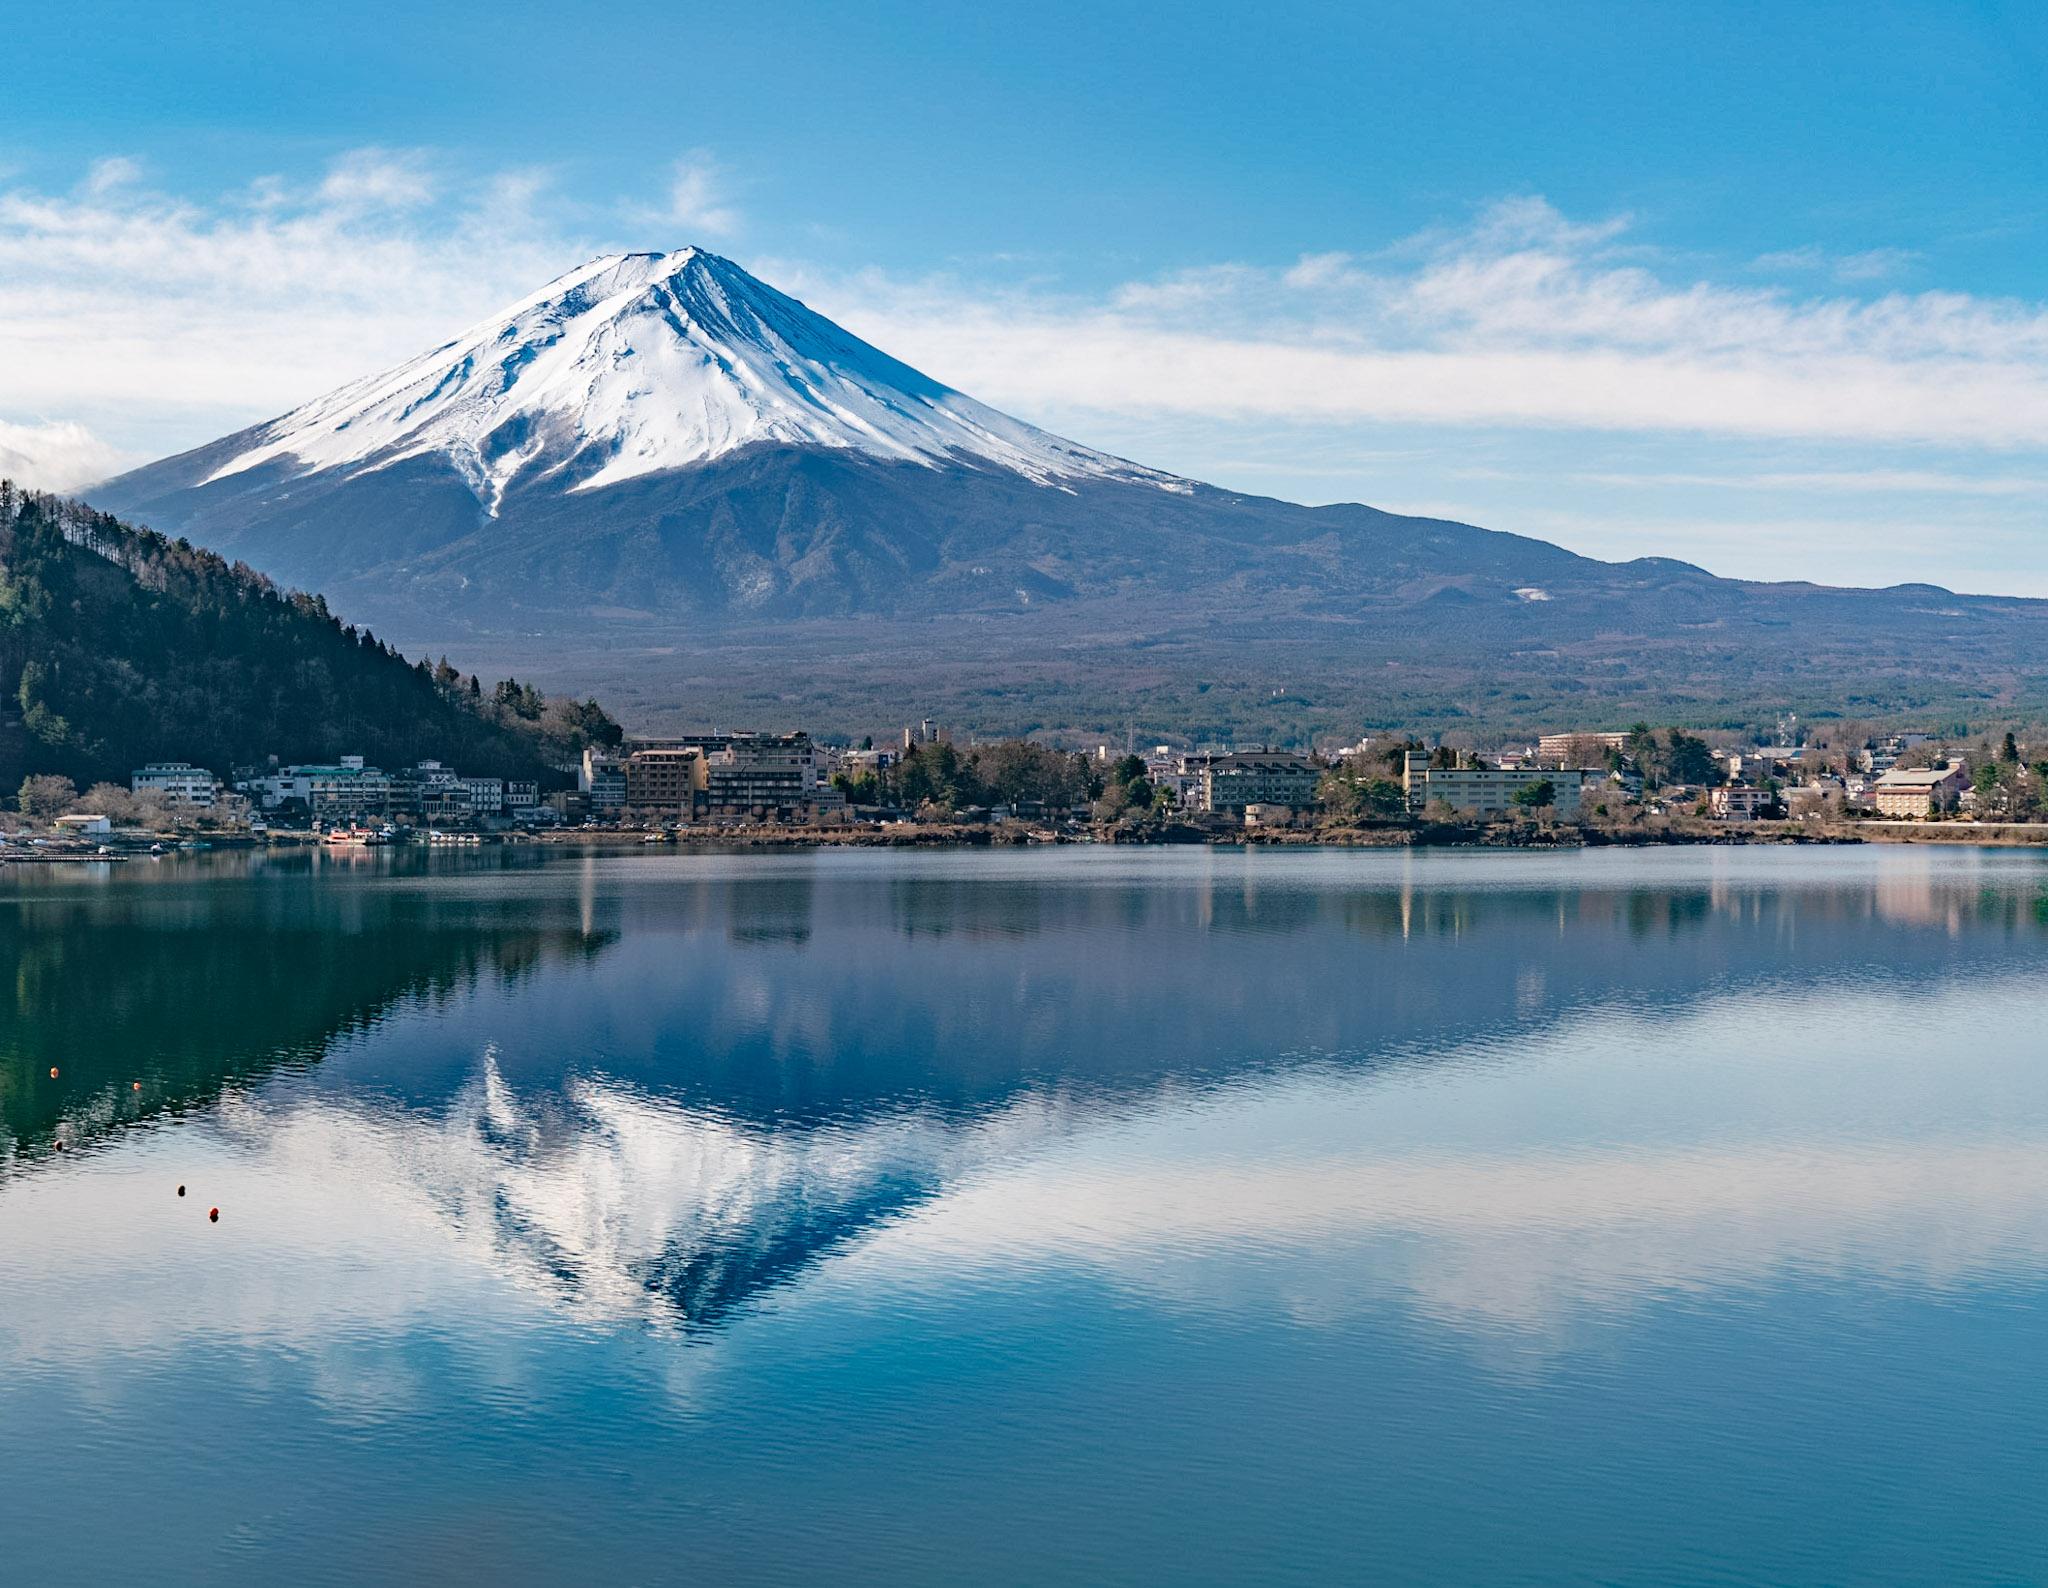 特急あずさで富士回遊へ / 風のテラス kukuna1泊2日の旅